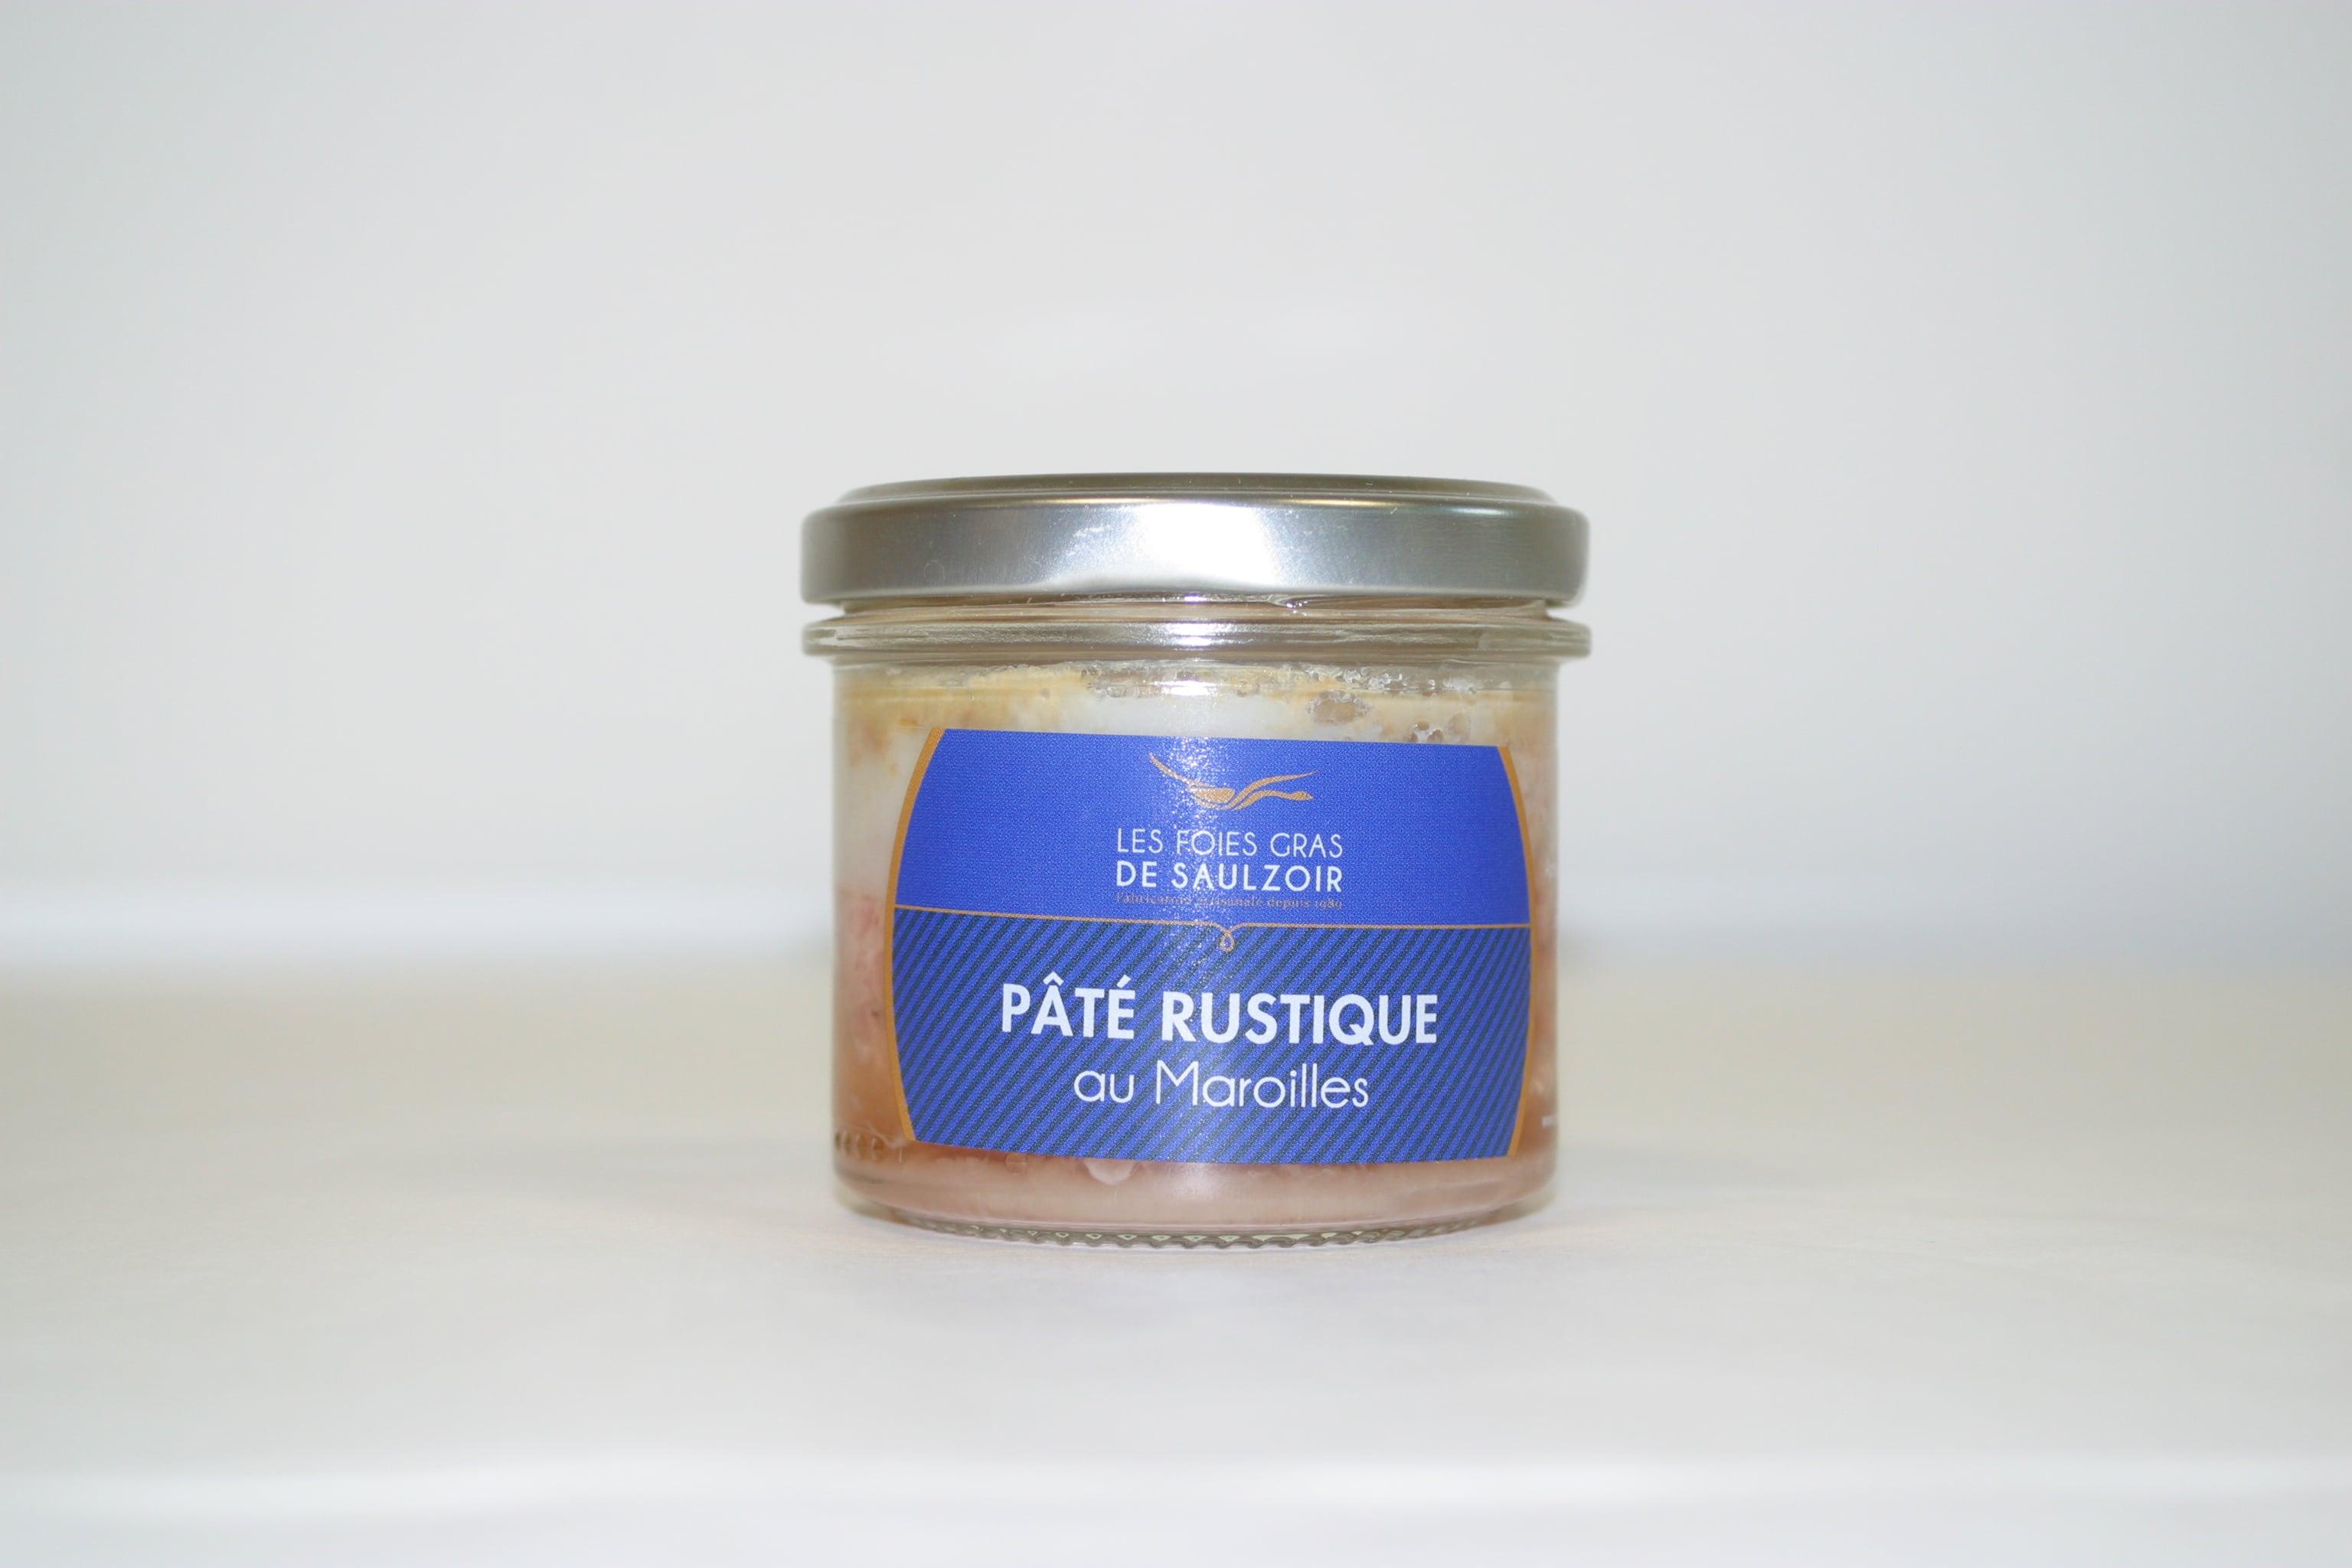 Pâté Rustique au Maroilles